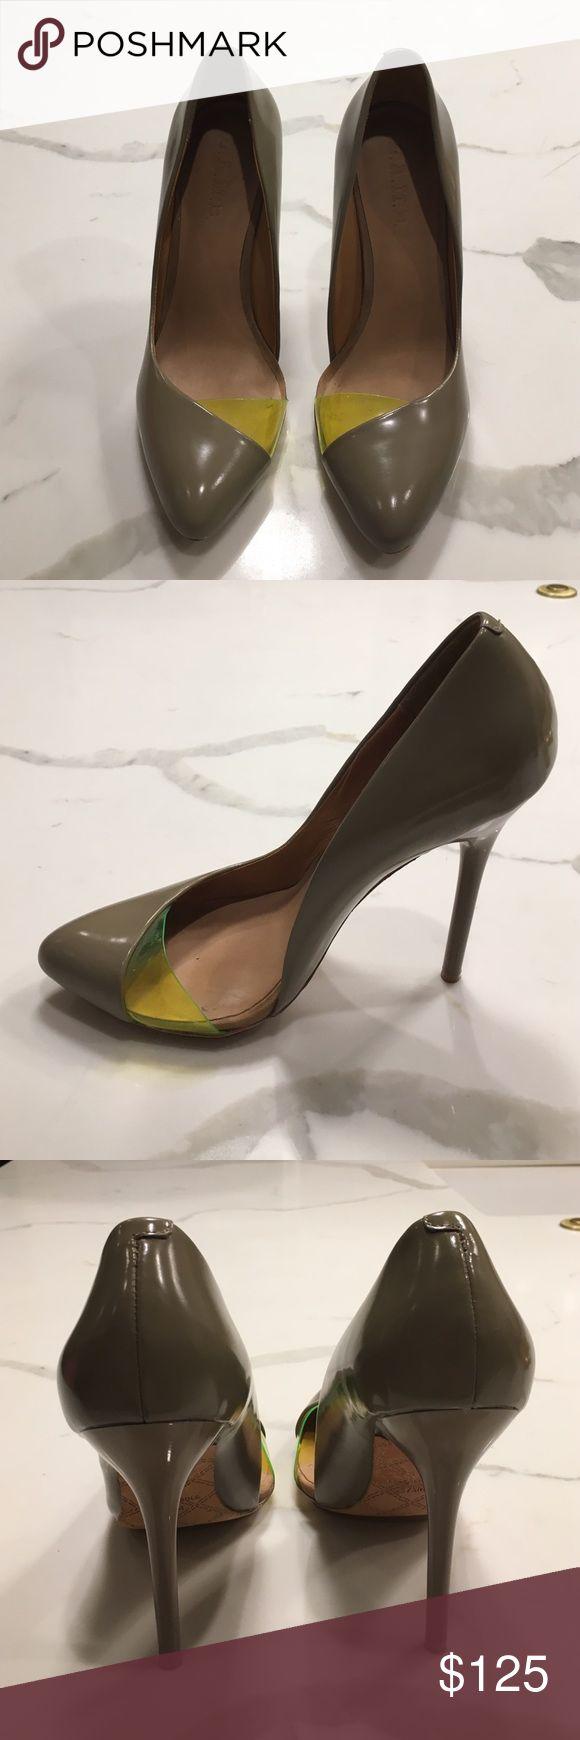 L.A.M.B. Tan/Neon Pump Heel L.A.M.B. Tan/Neon Pump Heel L.A.M.B. Shoes Heels